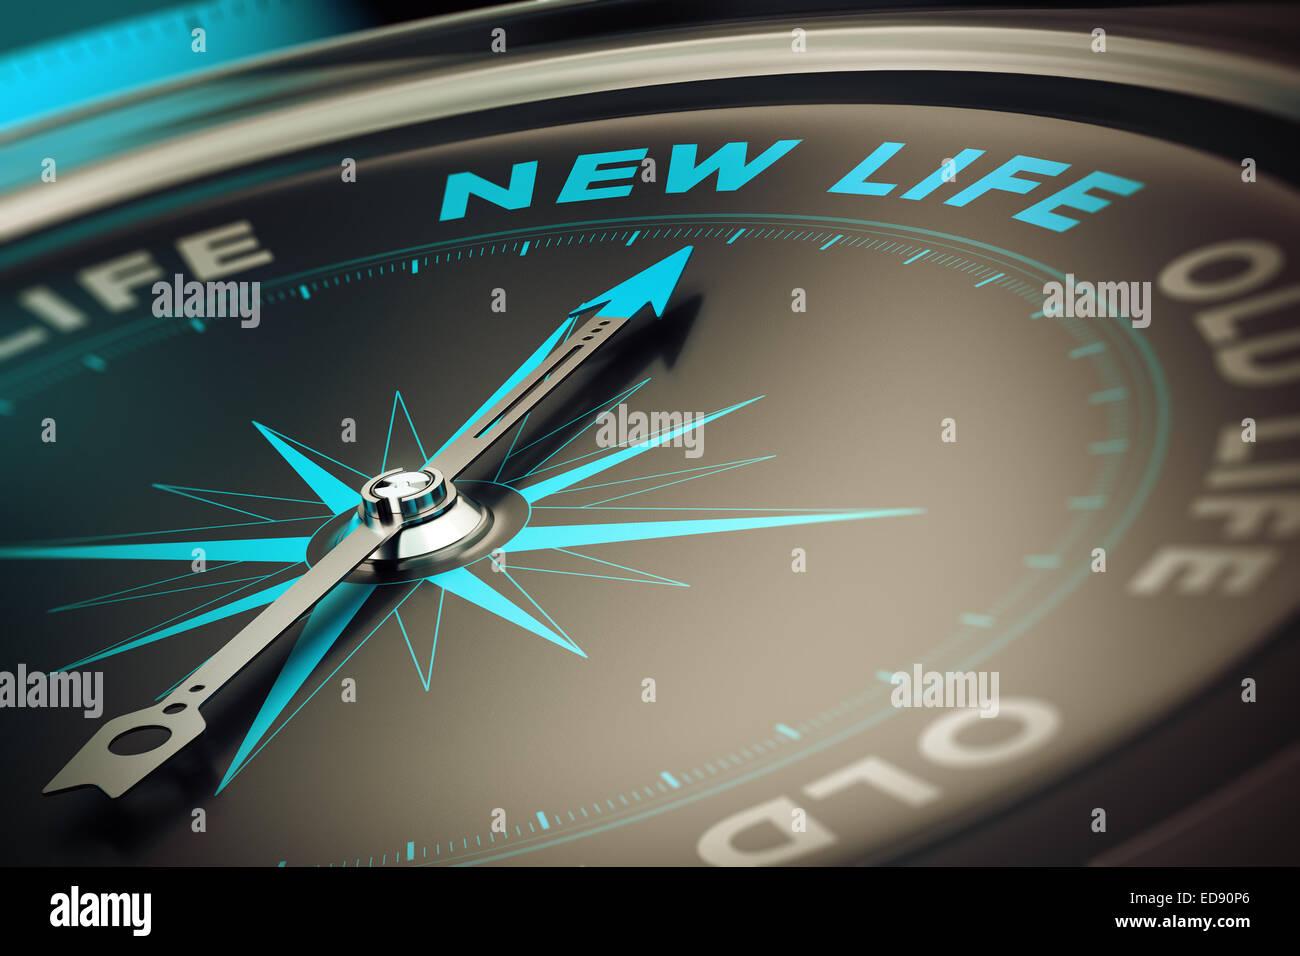 Con la aguja de la brújula apuntando la palabra nueva vida, concepto imagen para ilustrar el concepto de motivación Imagen De Stock